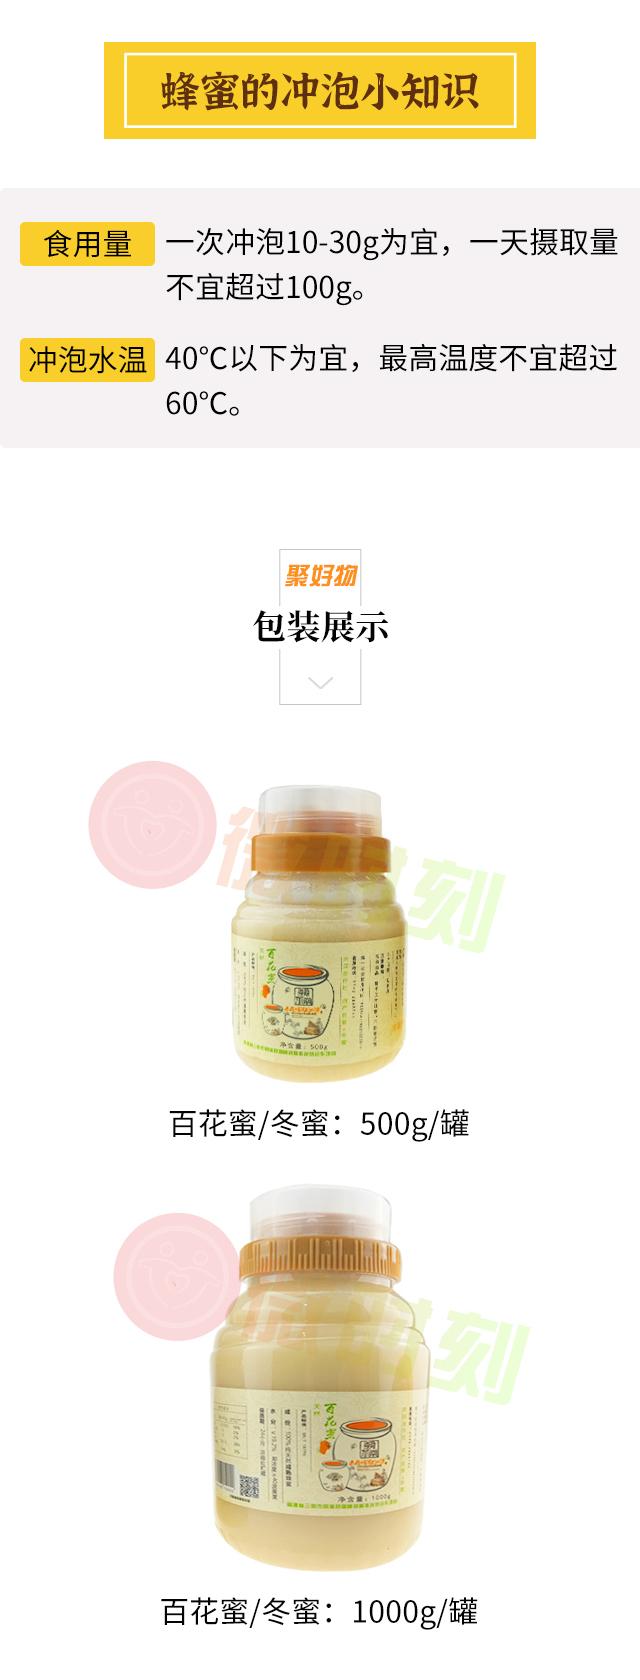 明溪啝嬑興天然蜂蜜_v-05.jpg